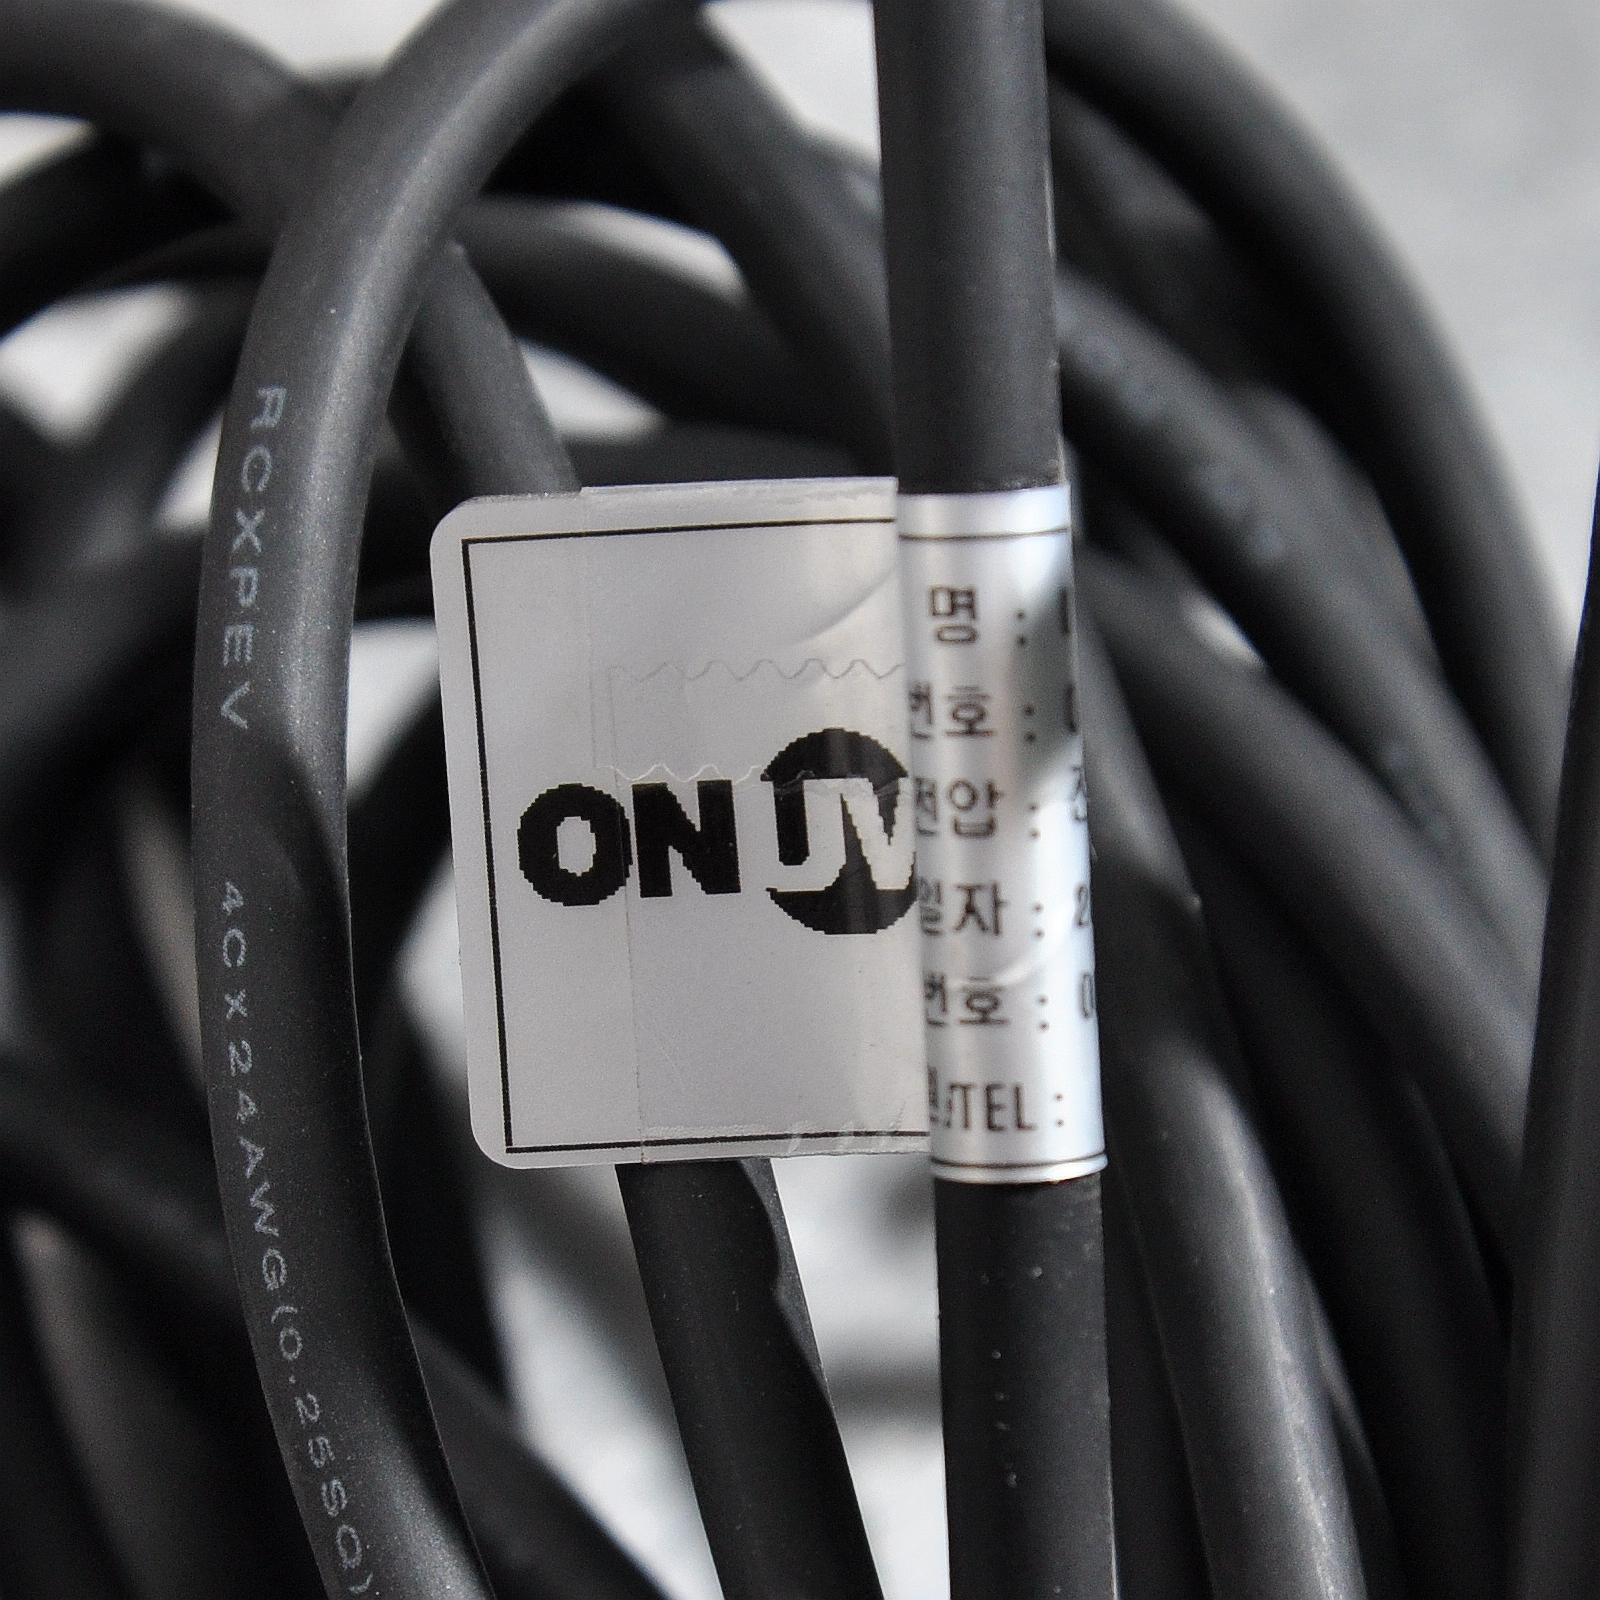 South Korea ONUV OUL-B0015-AJ317 OUL-B0015-AI317-050 UV LED UV LED 7m enlarge